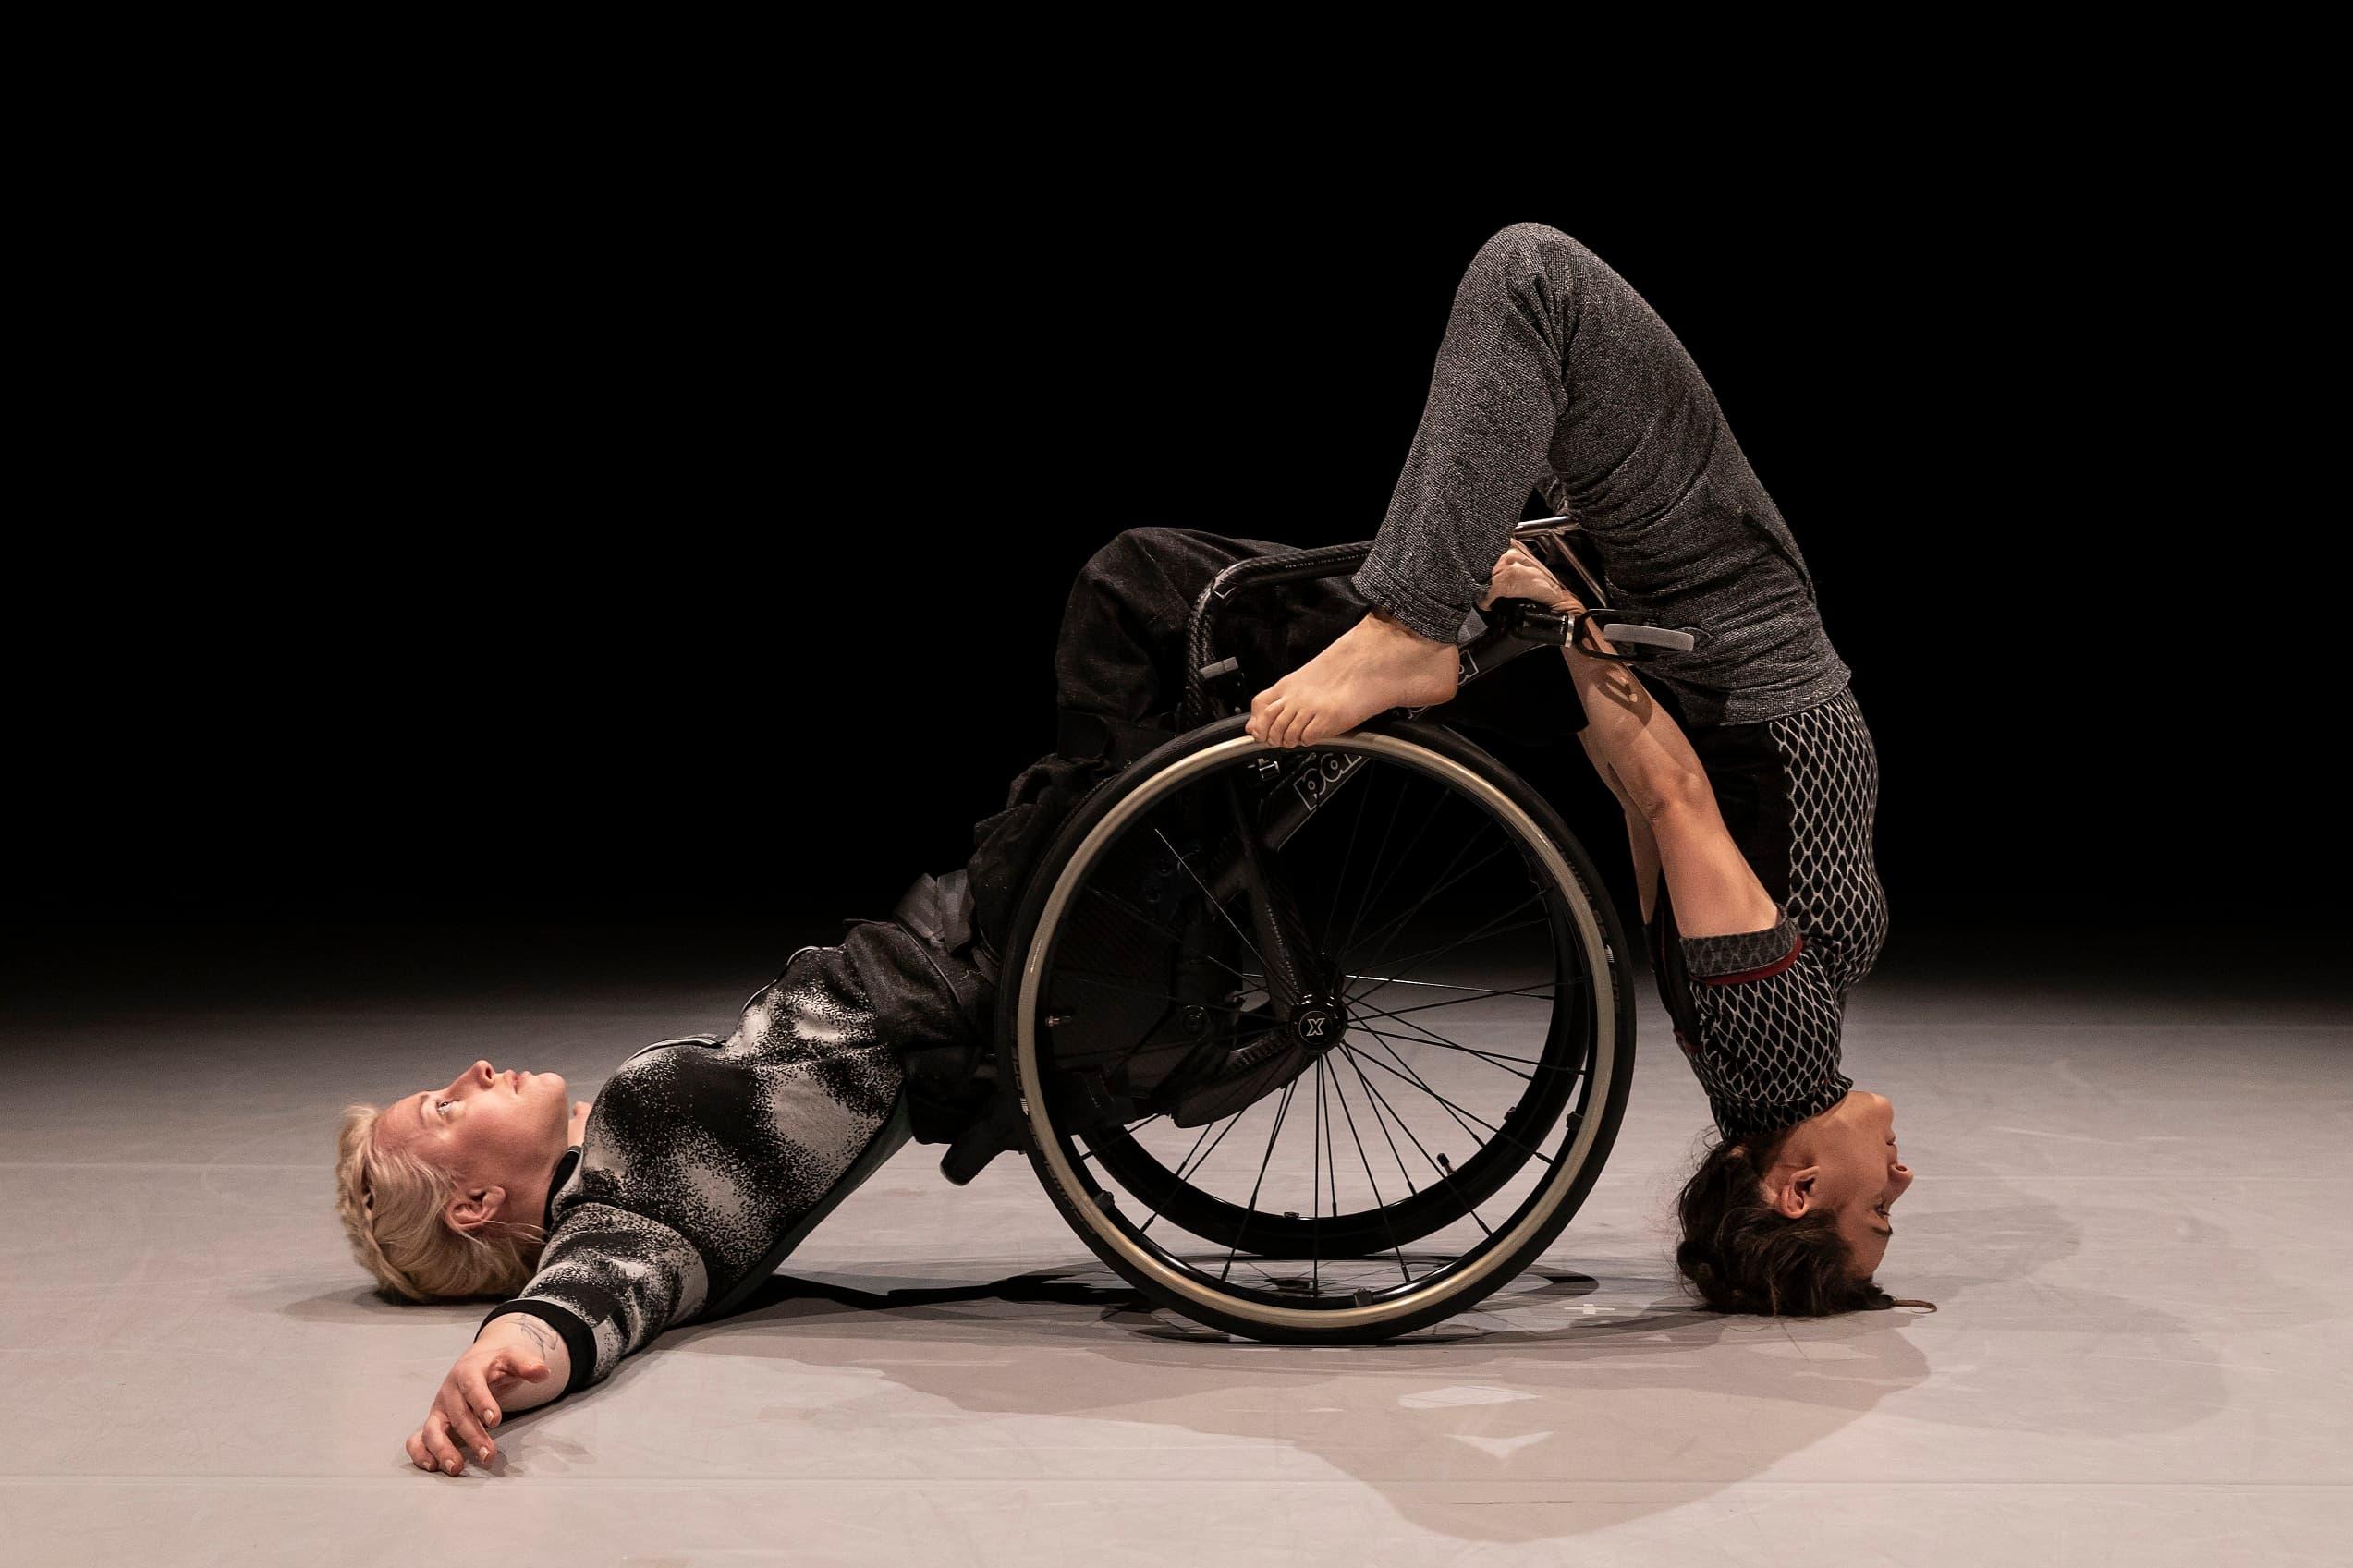 27ο Διεθνές Φεστιβάλ Χορού Καλαμάτας